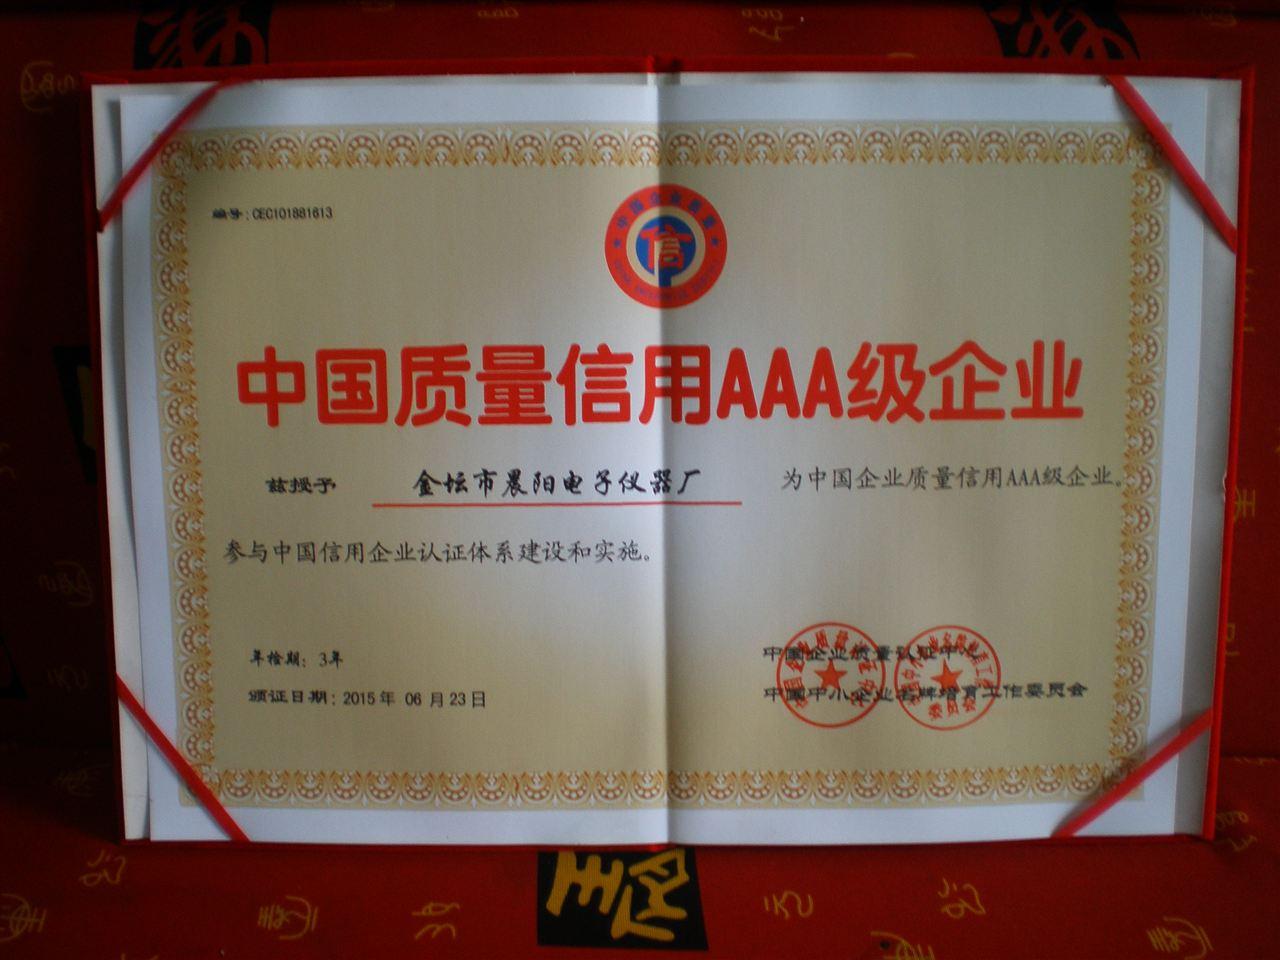 企业质量信用AAA级证书